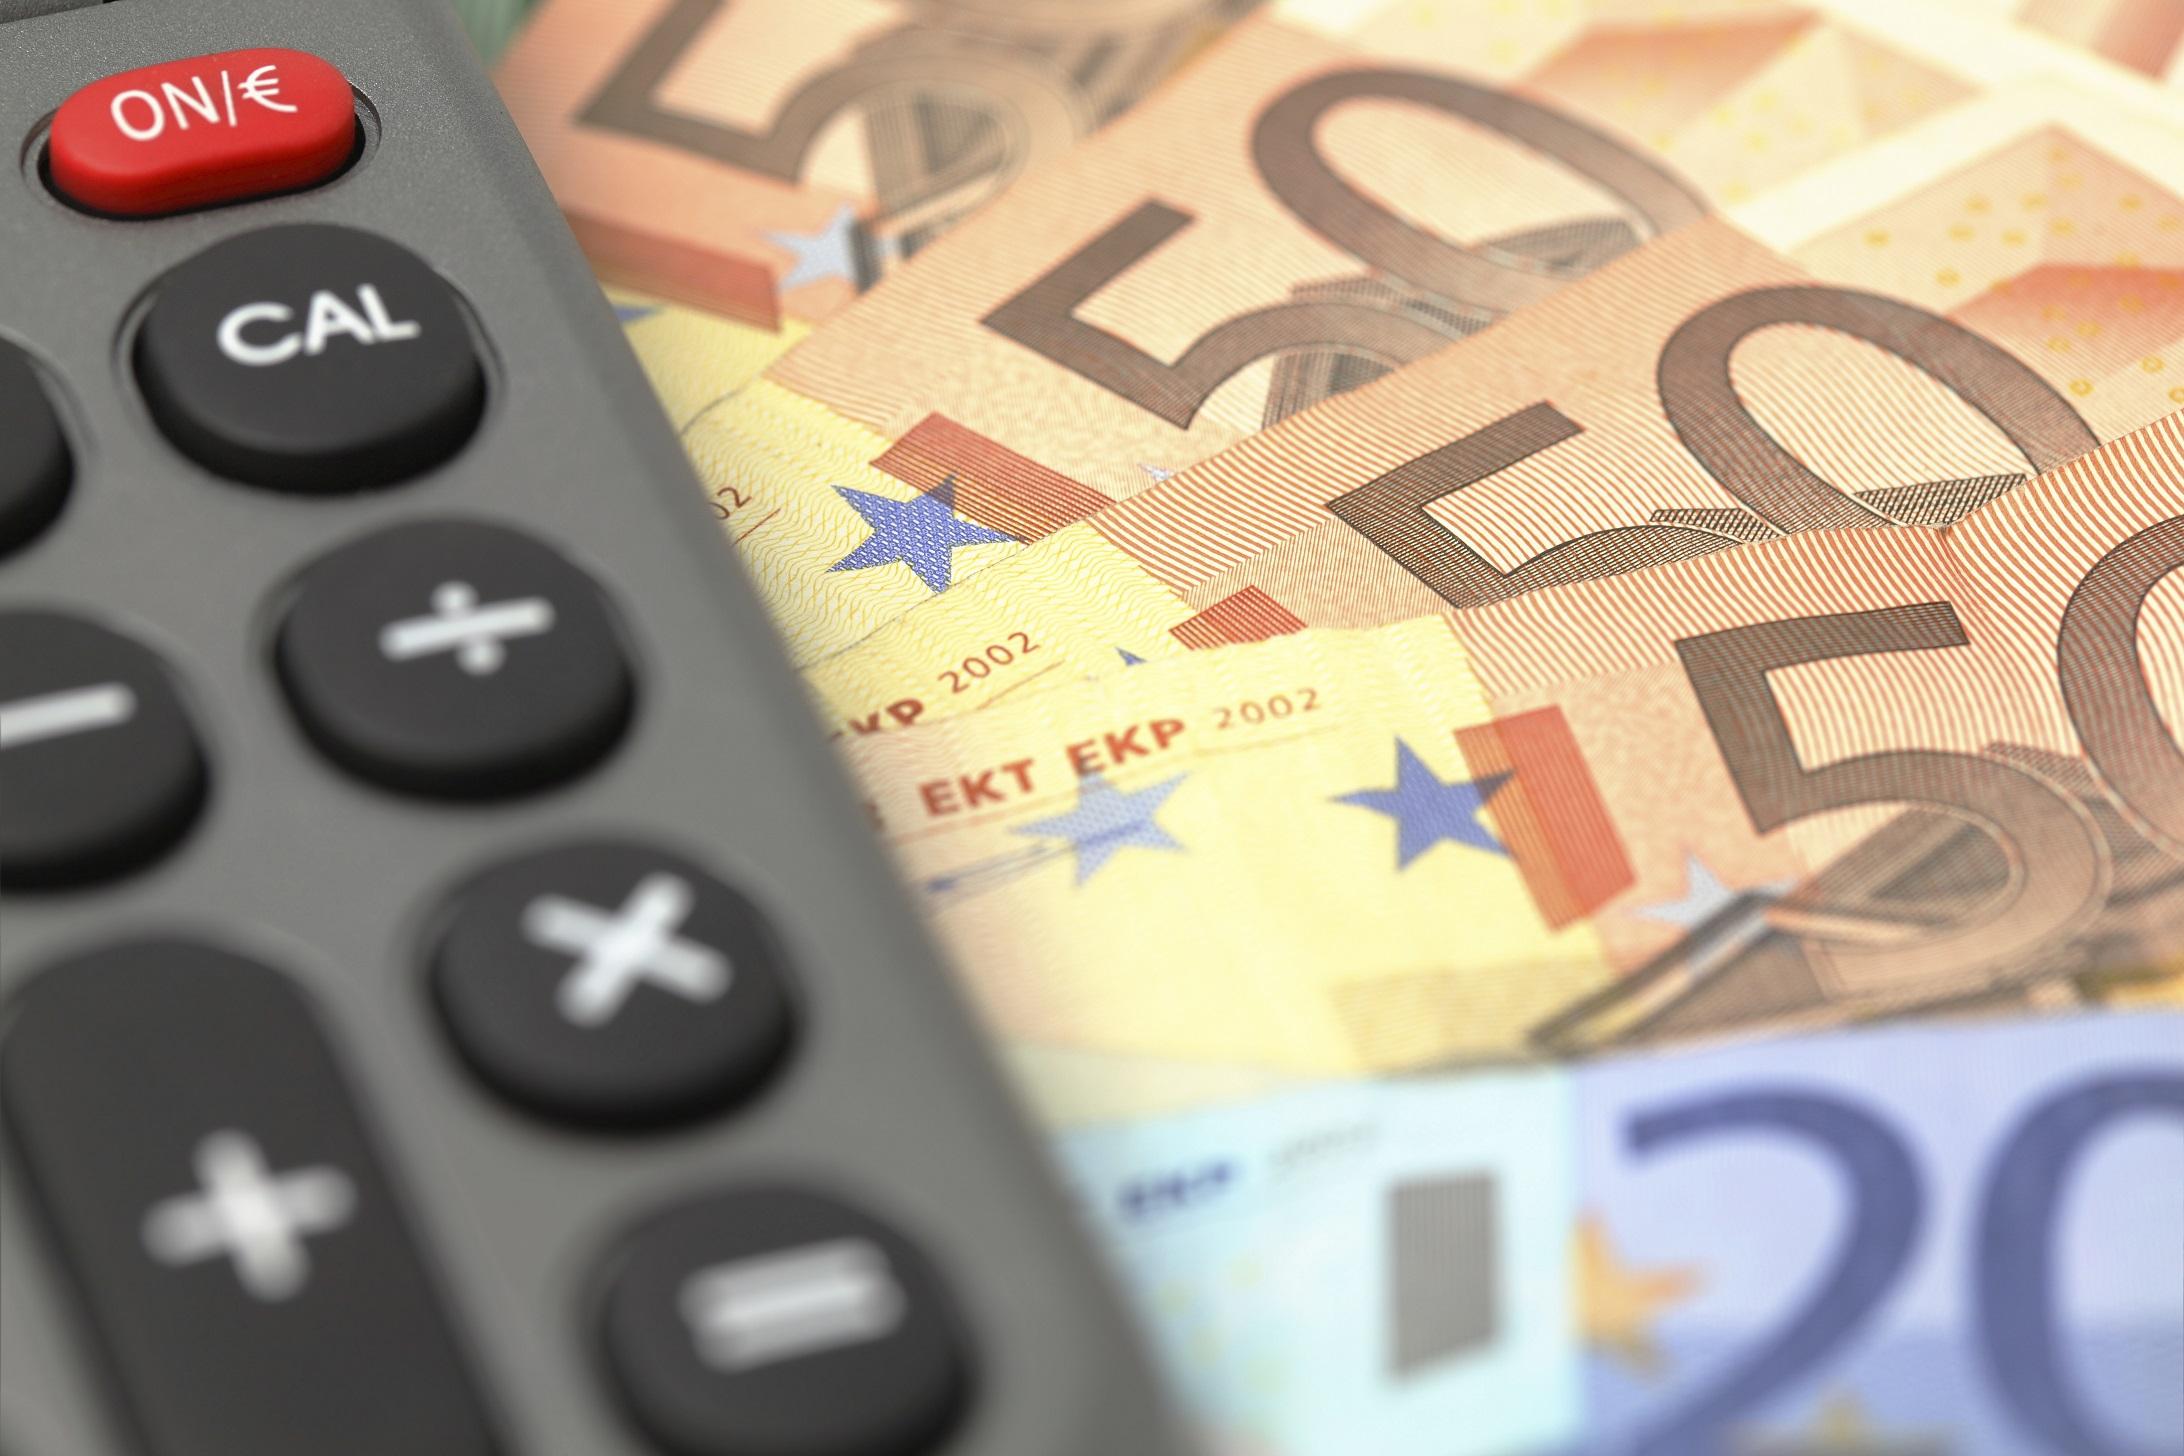 Afbeelding van een rekenmachine en bankbiljetten